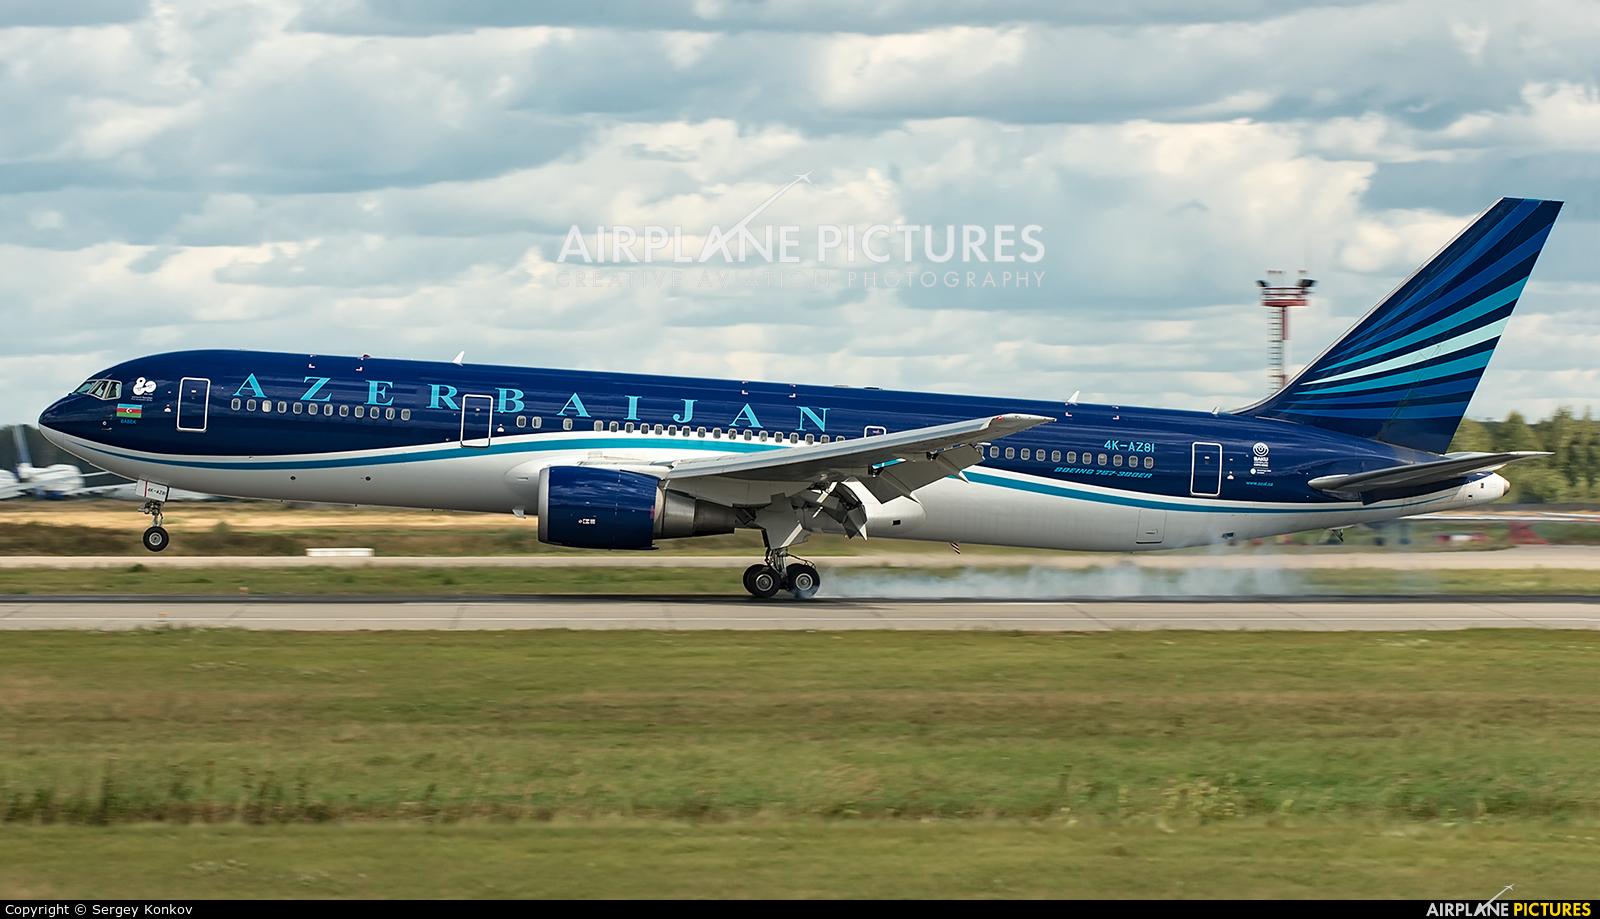 Azerbaijan Airlines 4K-AZ81 aircraft at Moscow - Domodedovo